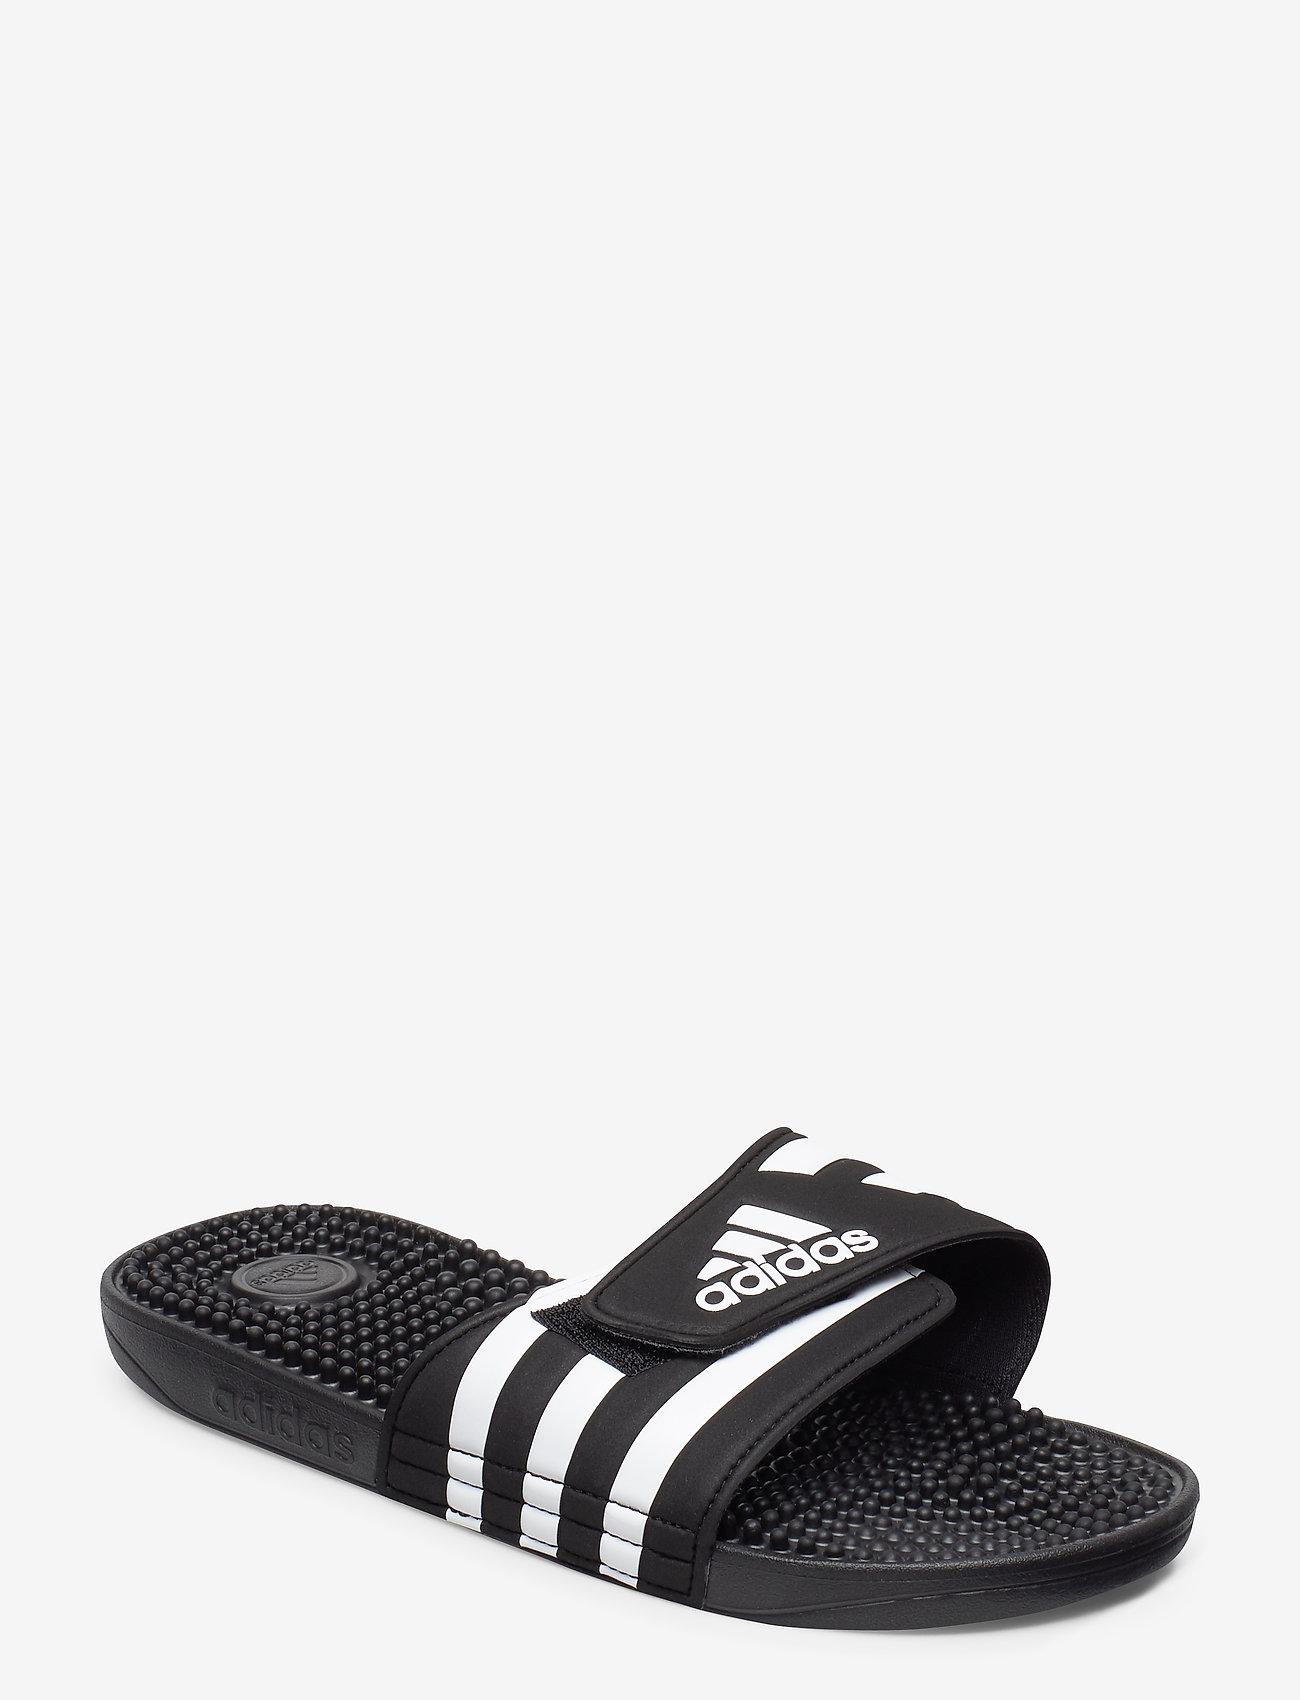 adidas Performance - ADISSAGE - pool sliders - cblack/ftwwht/cblack - 0